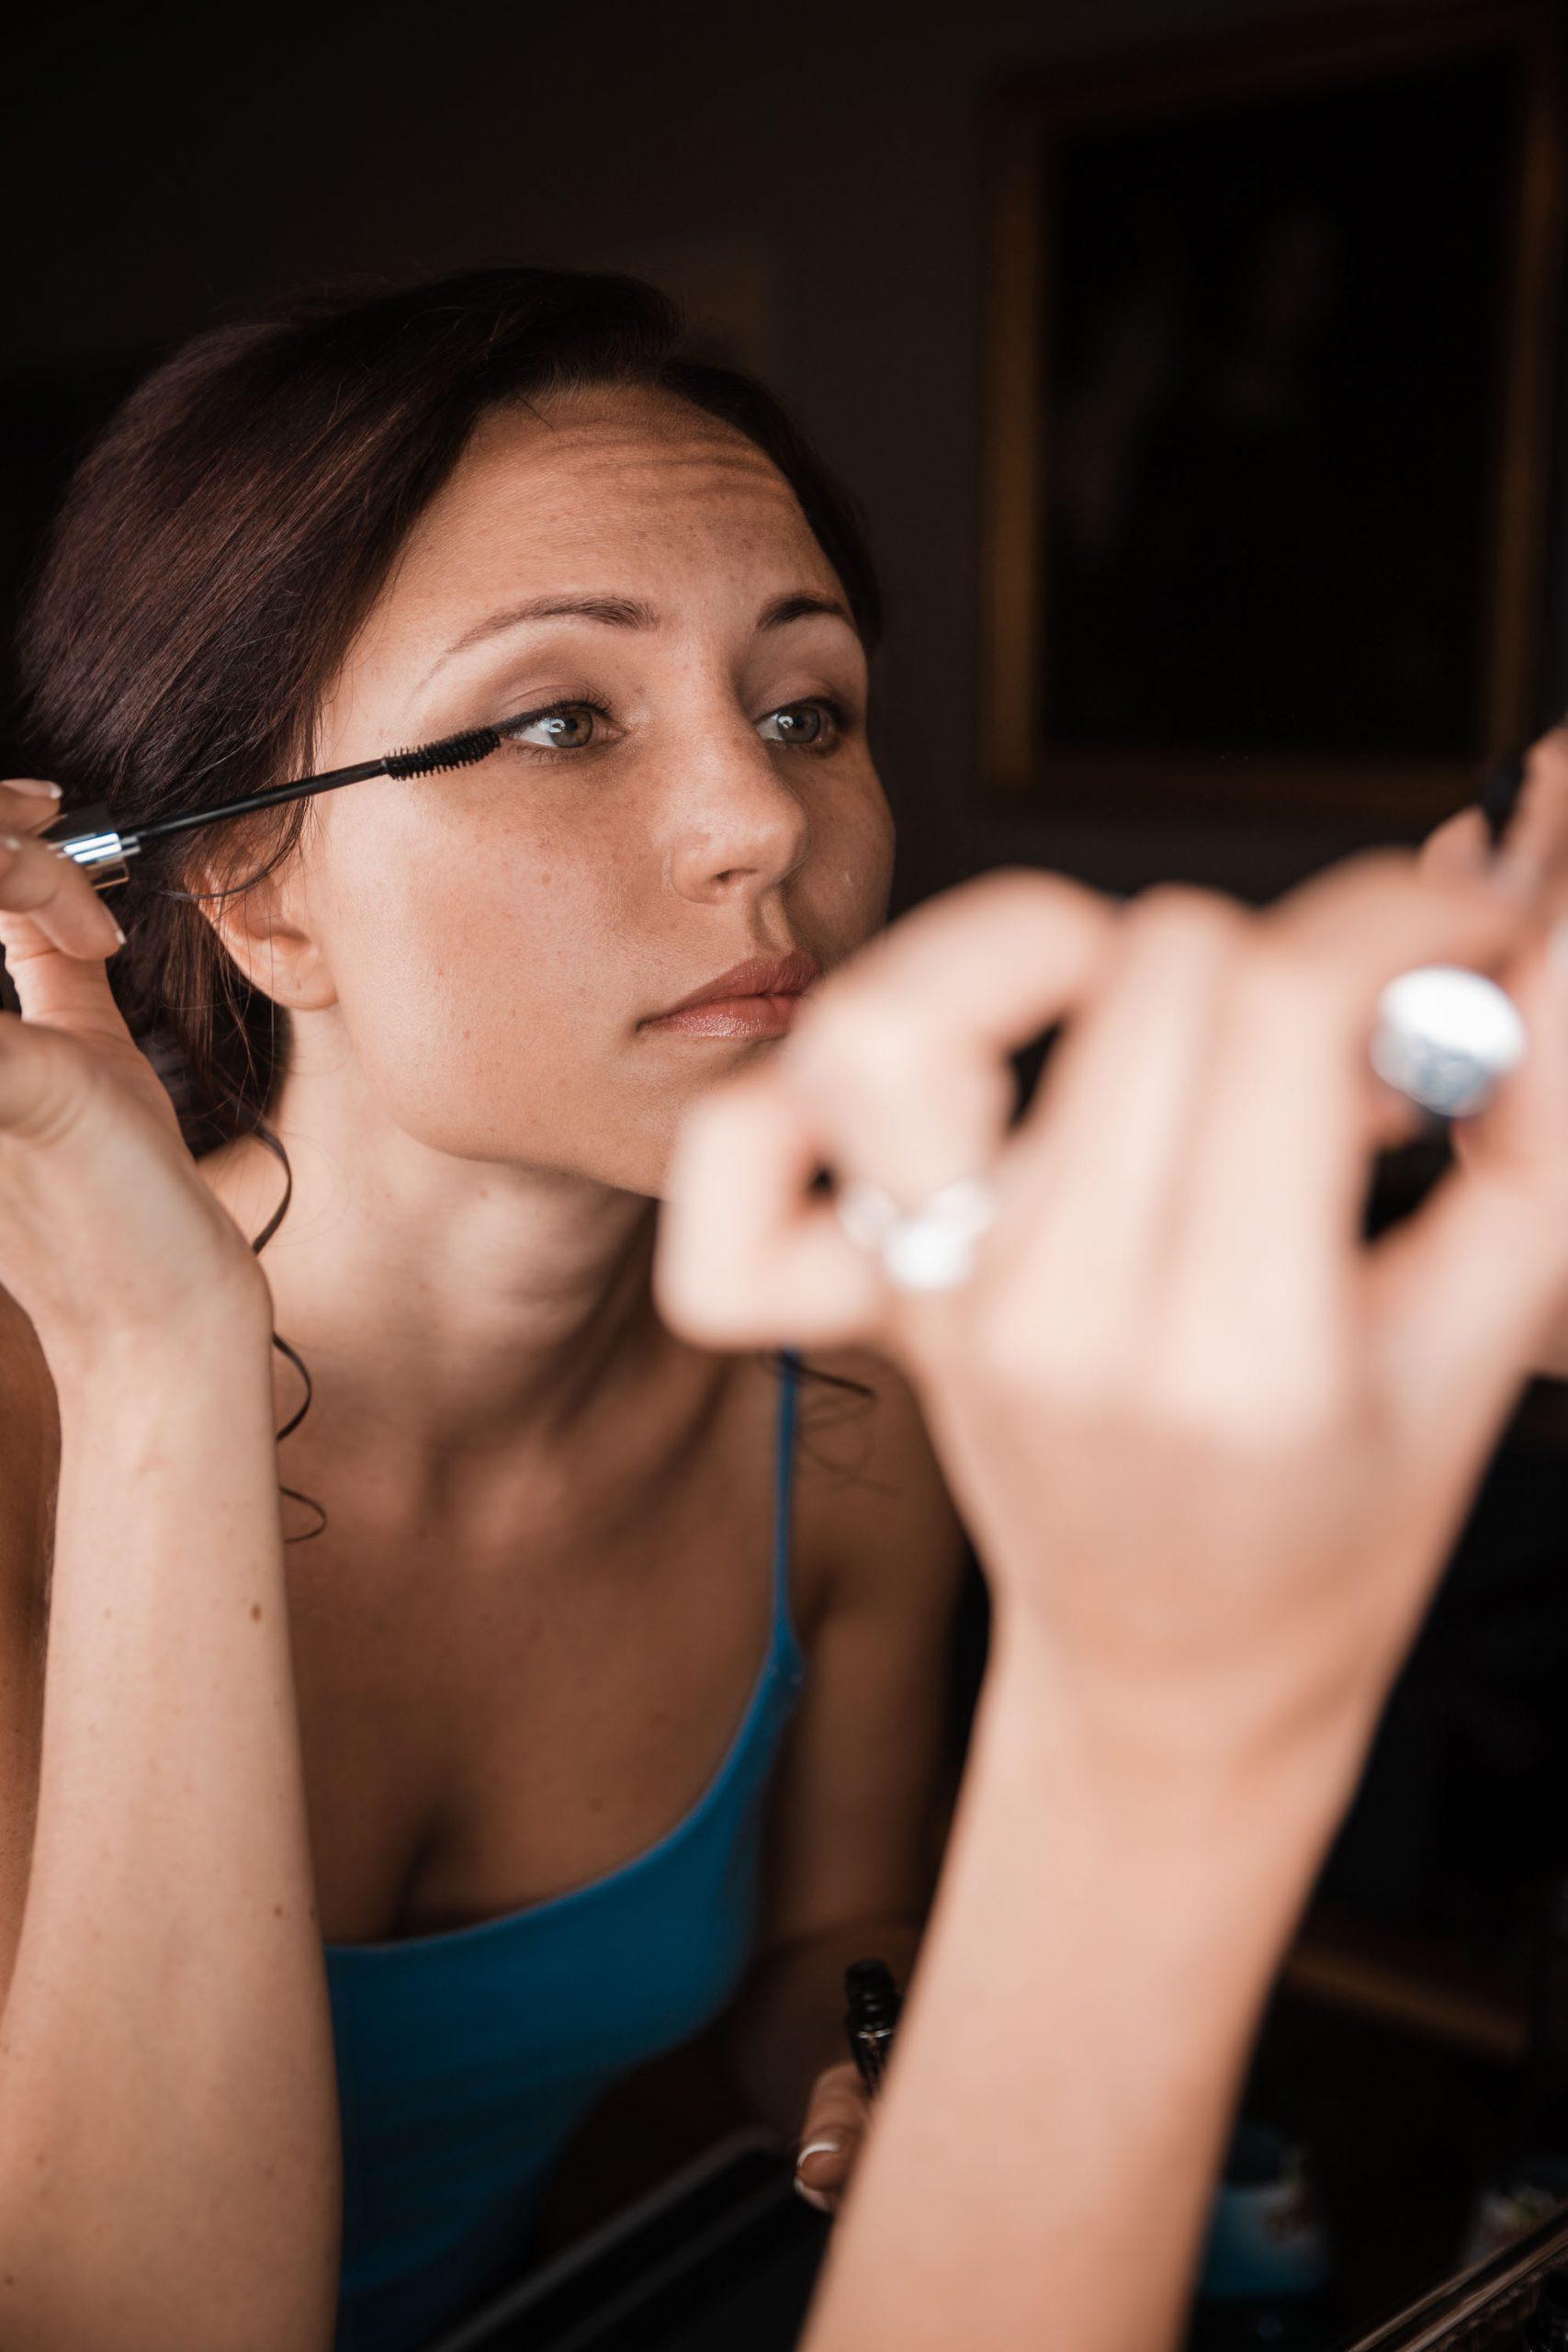 Hochzeitsfoto einer Braut beim Getting dressed. Braut legt selbst Hand an und tuscht ihre Wimpern. Natürliches Hochzeitsfoto vom Hochzeitstag.